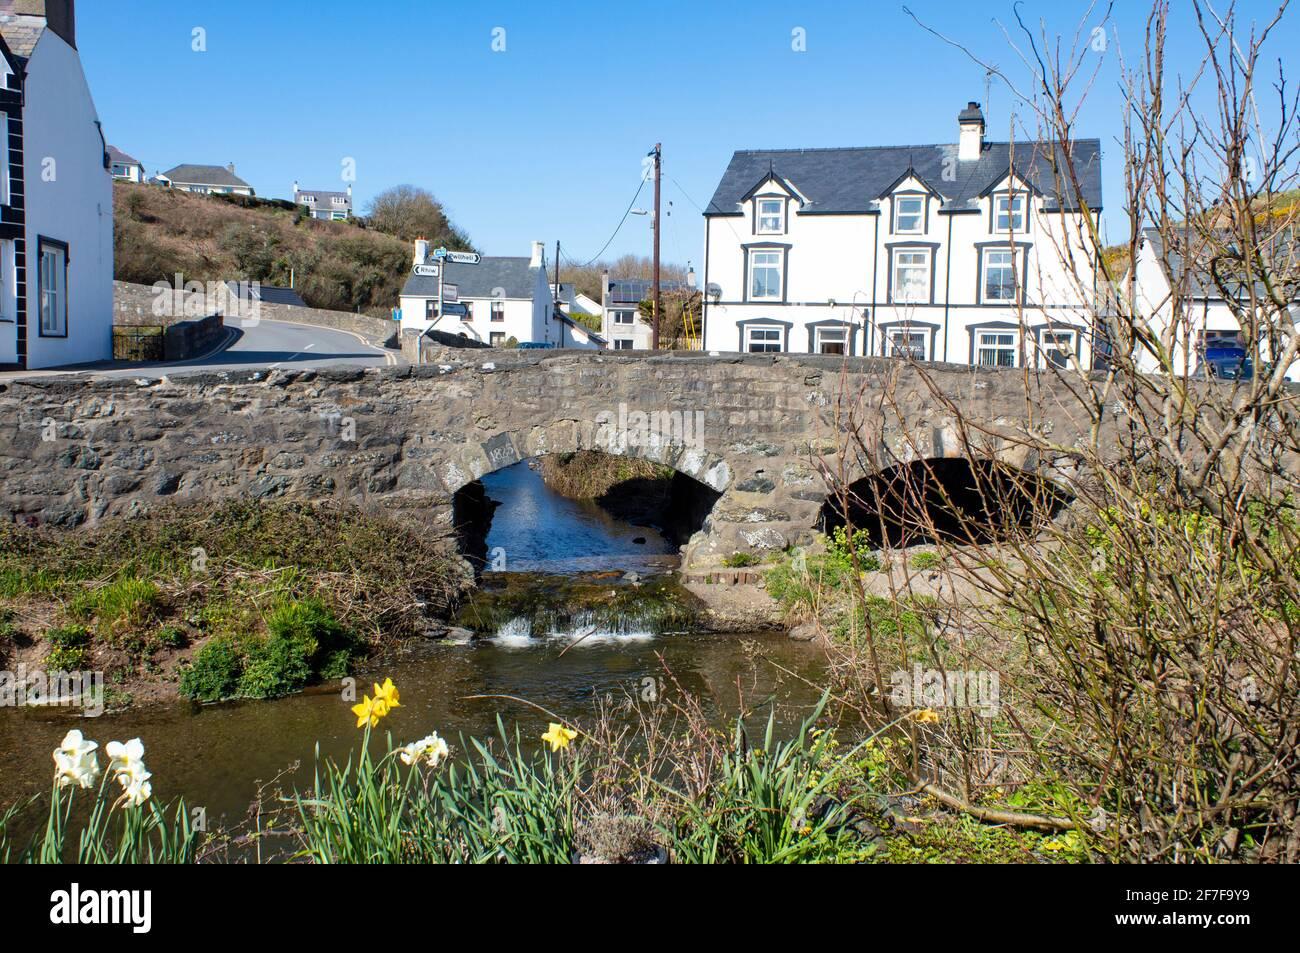 Pueblo de Aberdaron, Gales. Paisaje con un pequeño puente de piedra sobre un arroyo. Pequeño y encantador complejo turístico junto al mar. Foto de stock